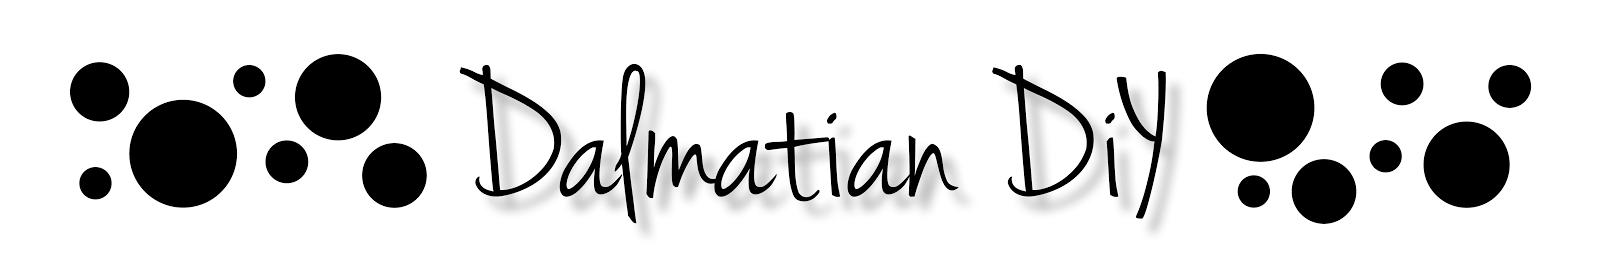 Dalmatian DIY